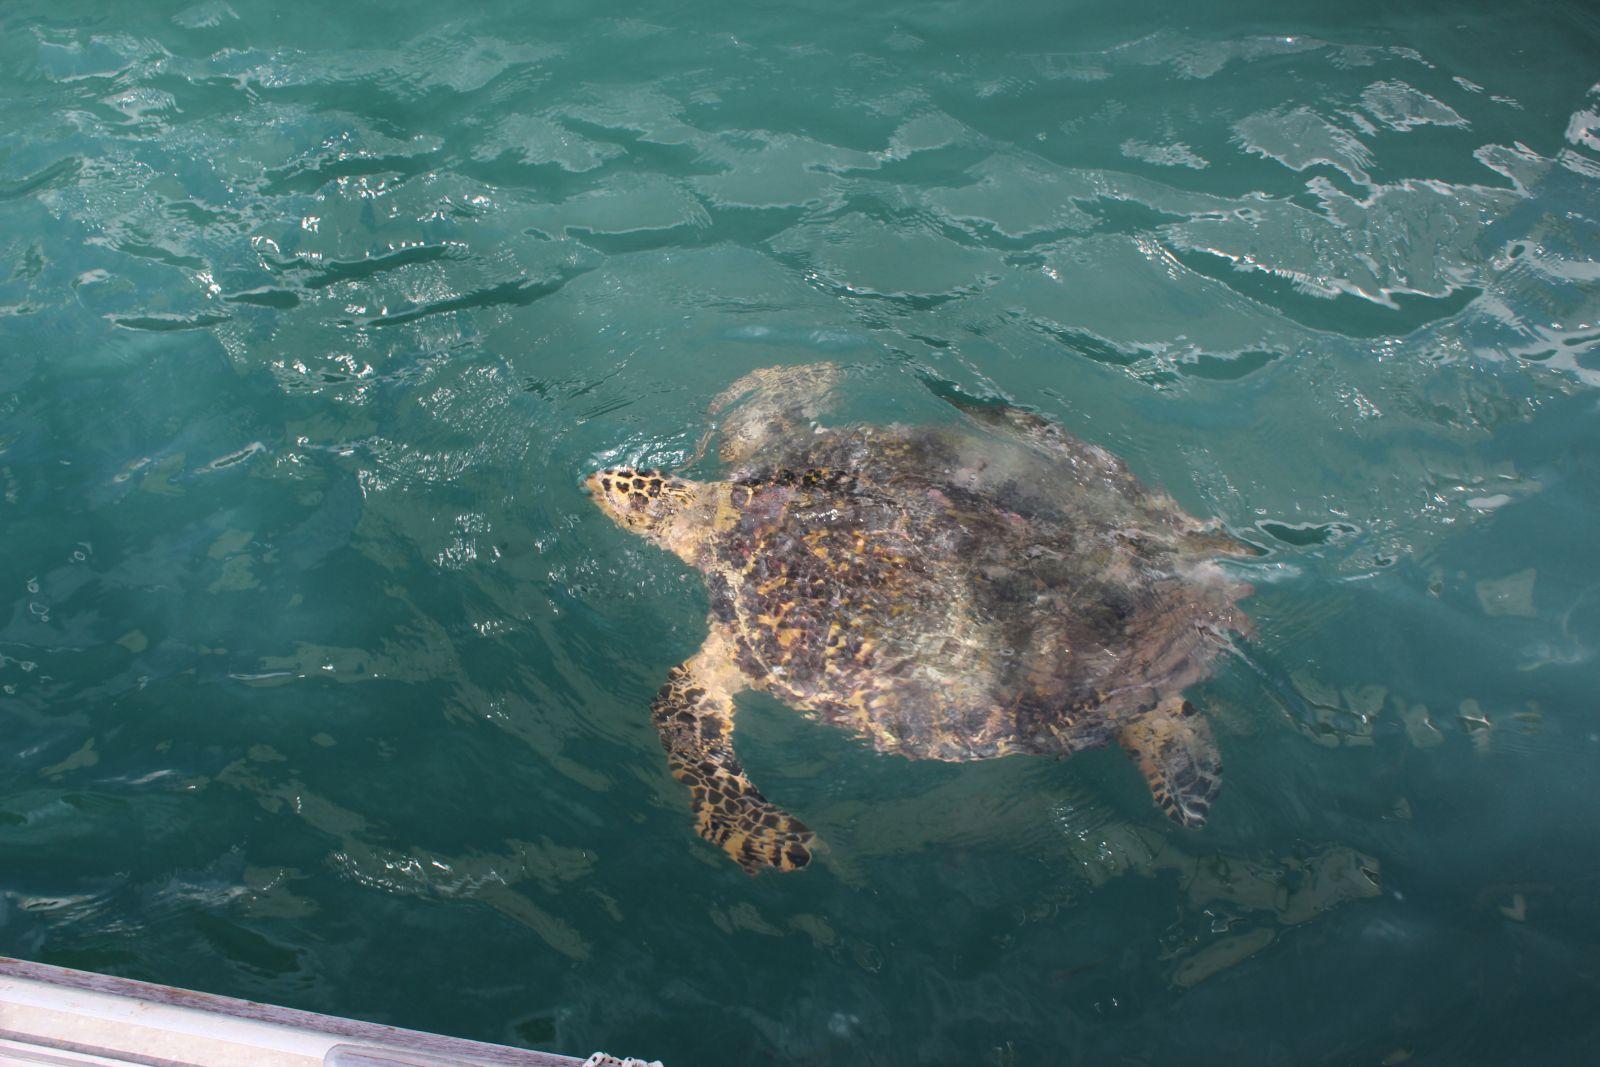 Auf den Inseln leben verschiedene Schildkrötenarten, darunter Meeres- und Riesenschildkröten. ©1aYachtcharter GmbH